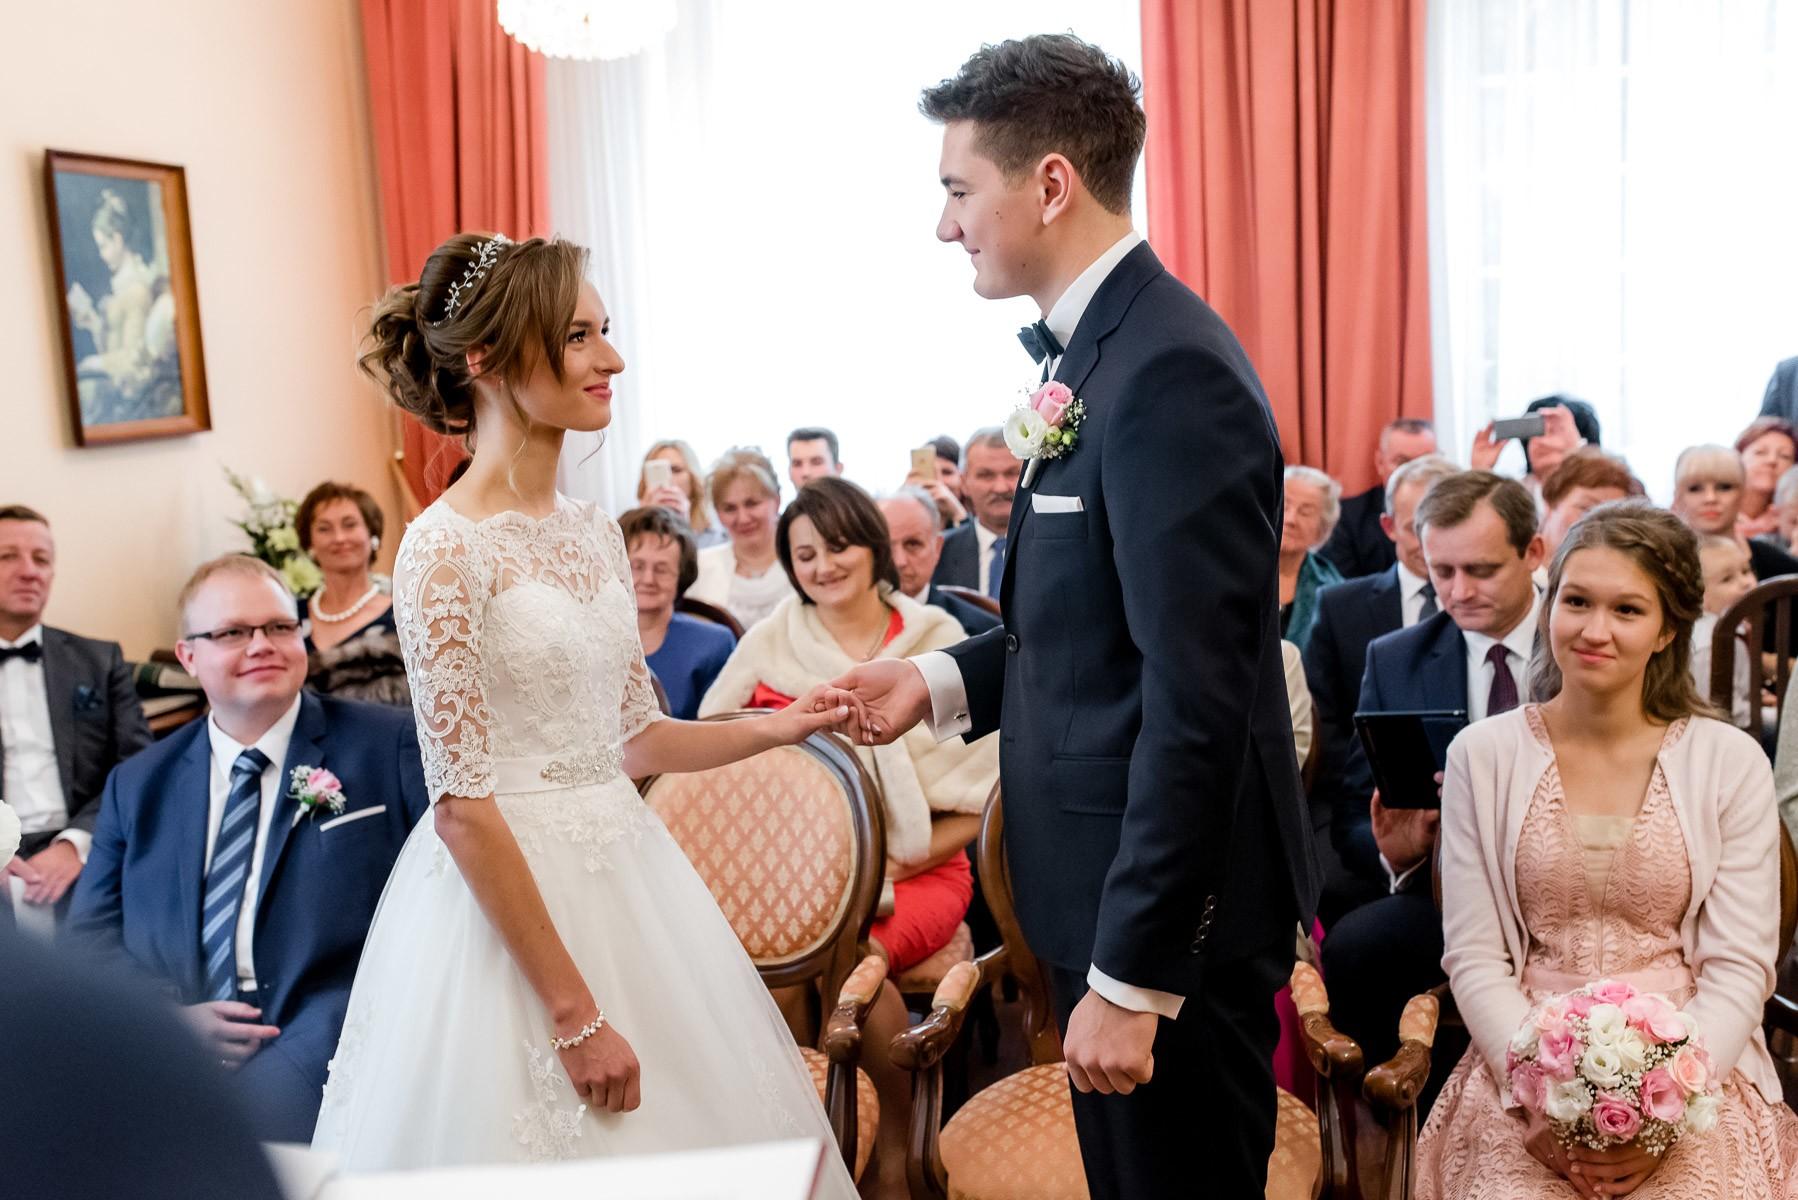 sala na skarpie fotograf slubny slask malopolska adam pietrusiak plener slubny w gorach jw wedding 111